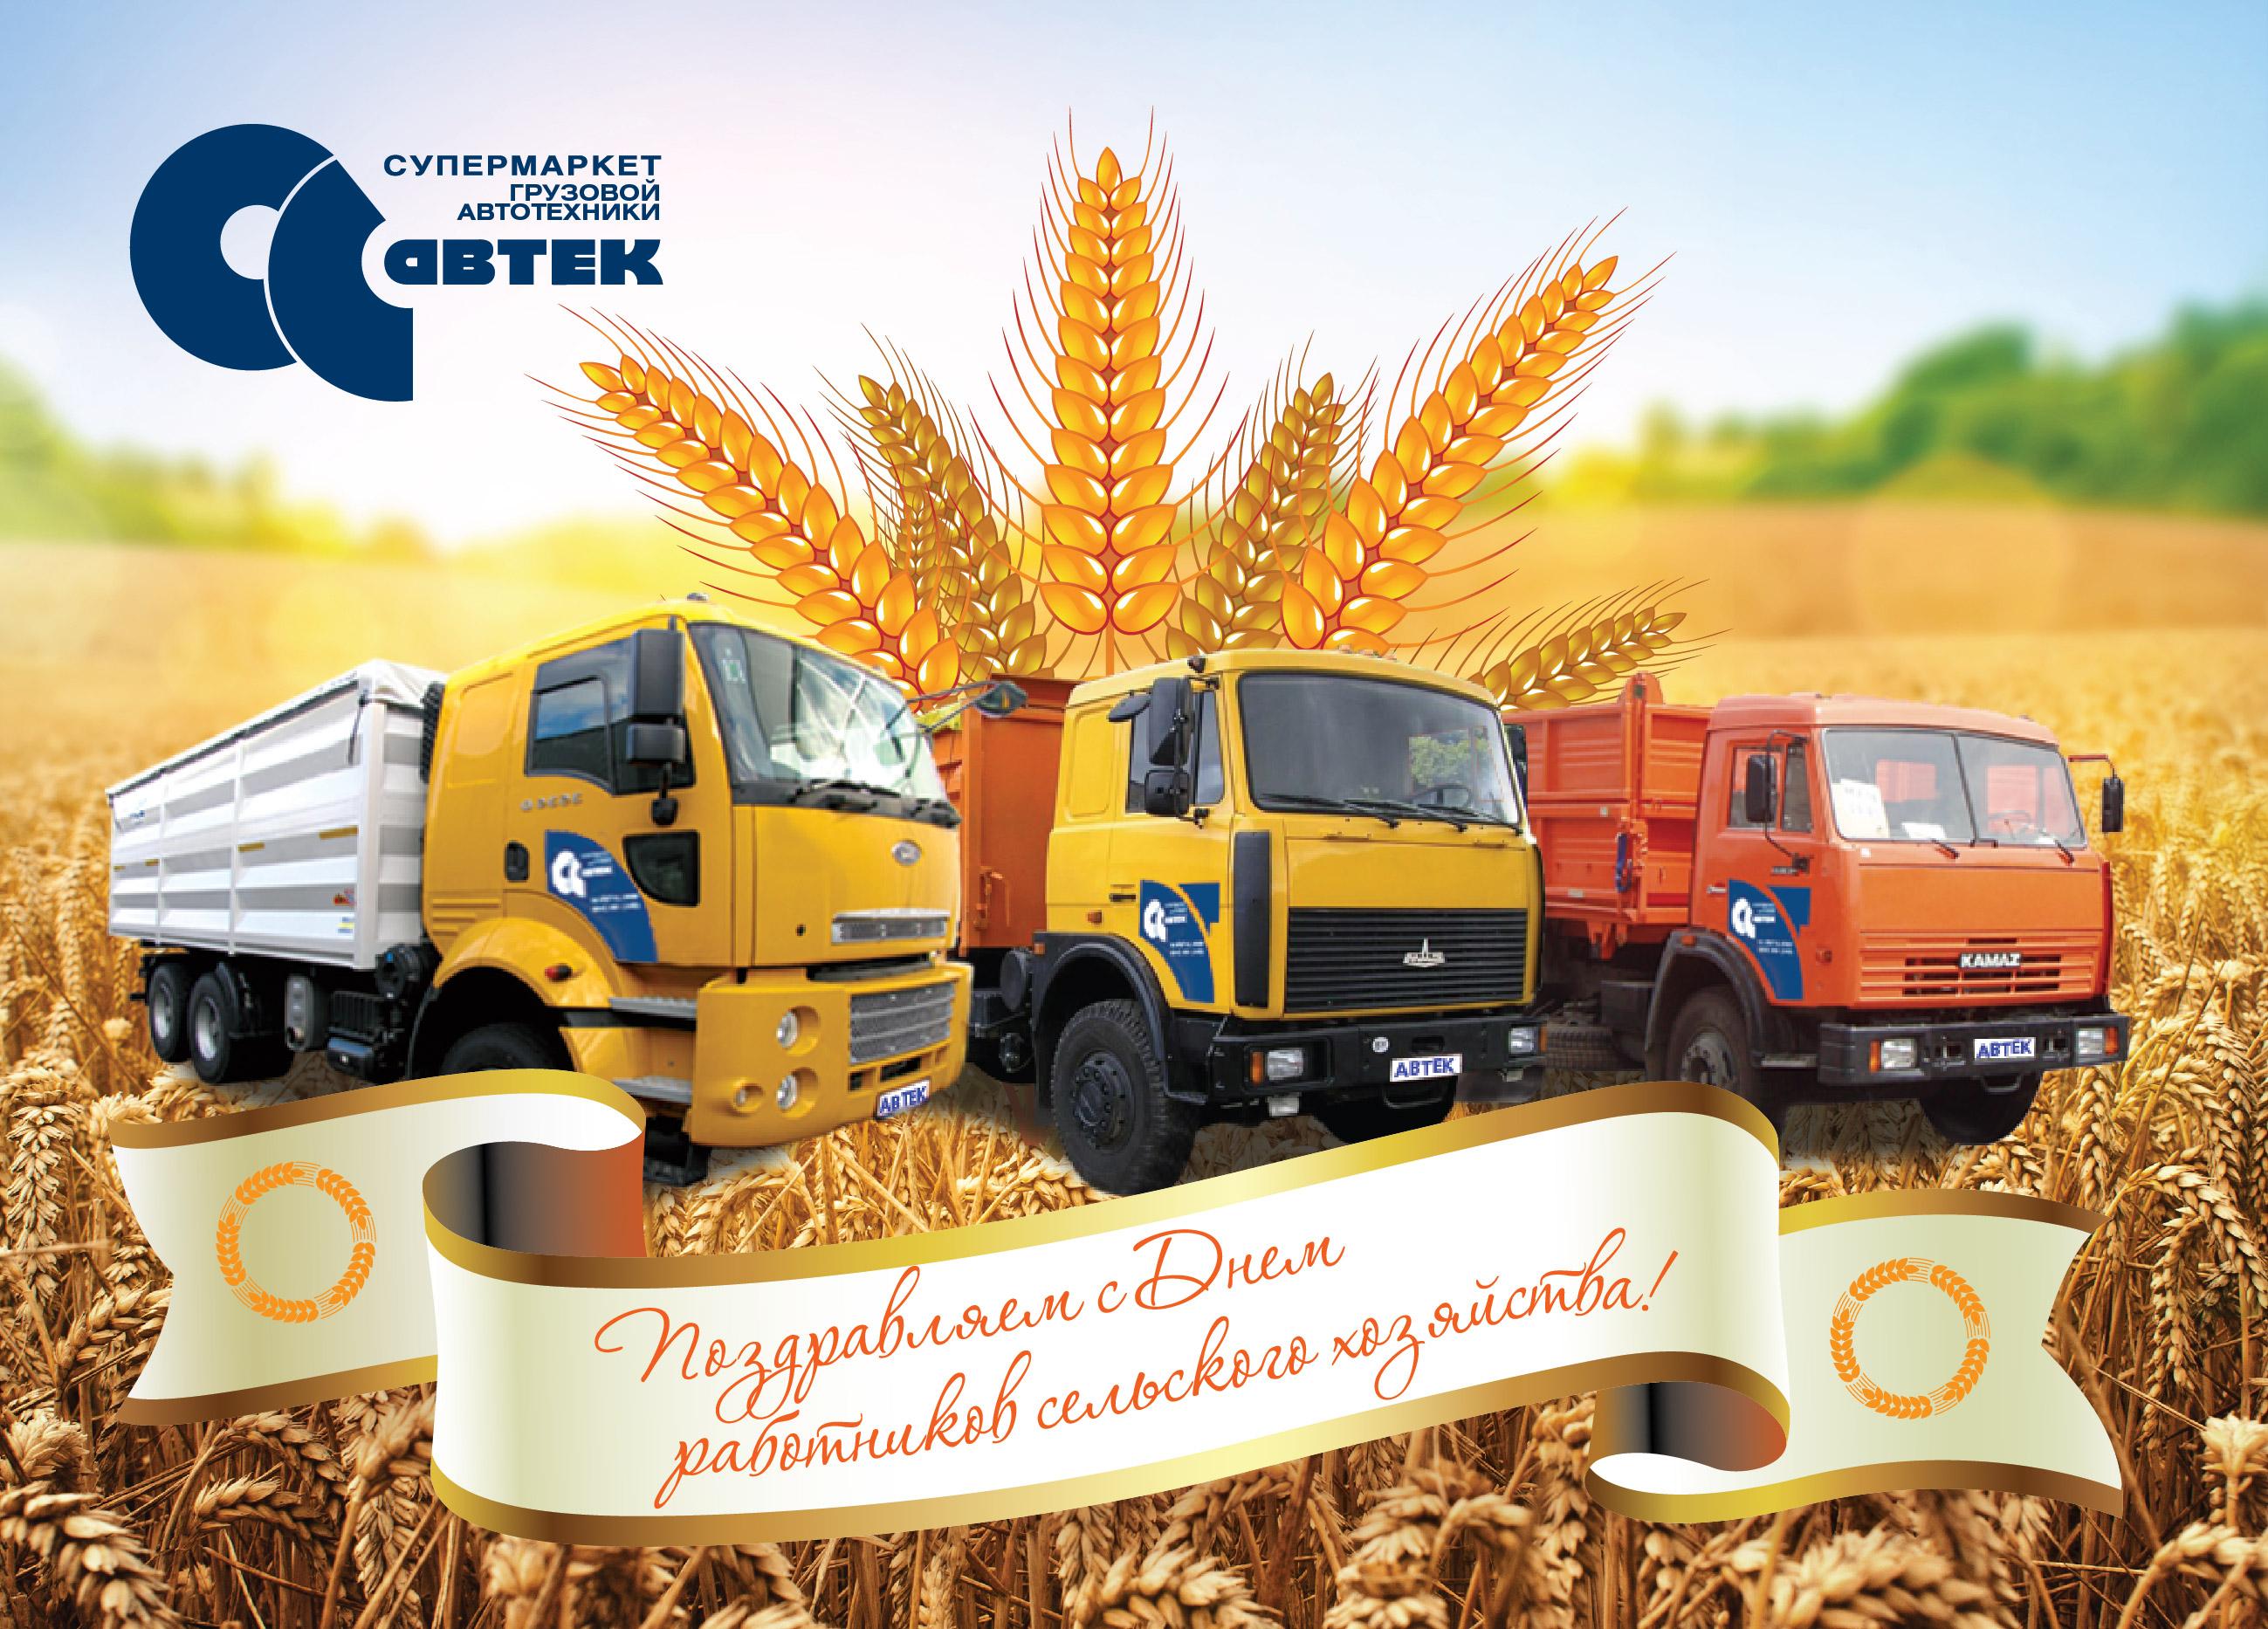 Открытки с днем работника сельского хозяйства и перерабатывающей промышленности